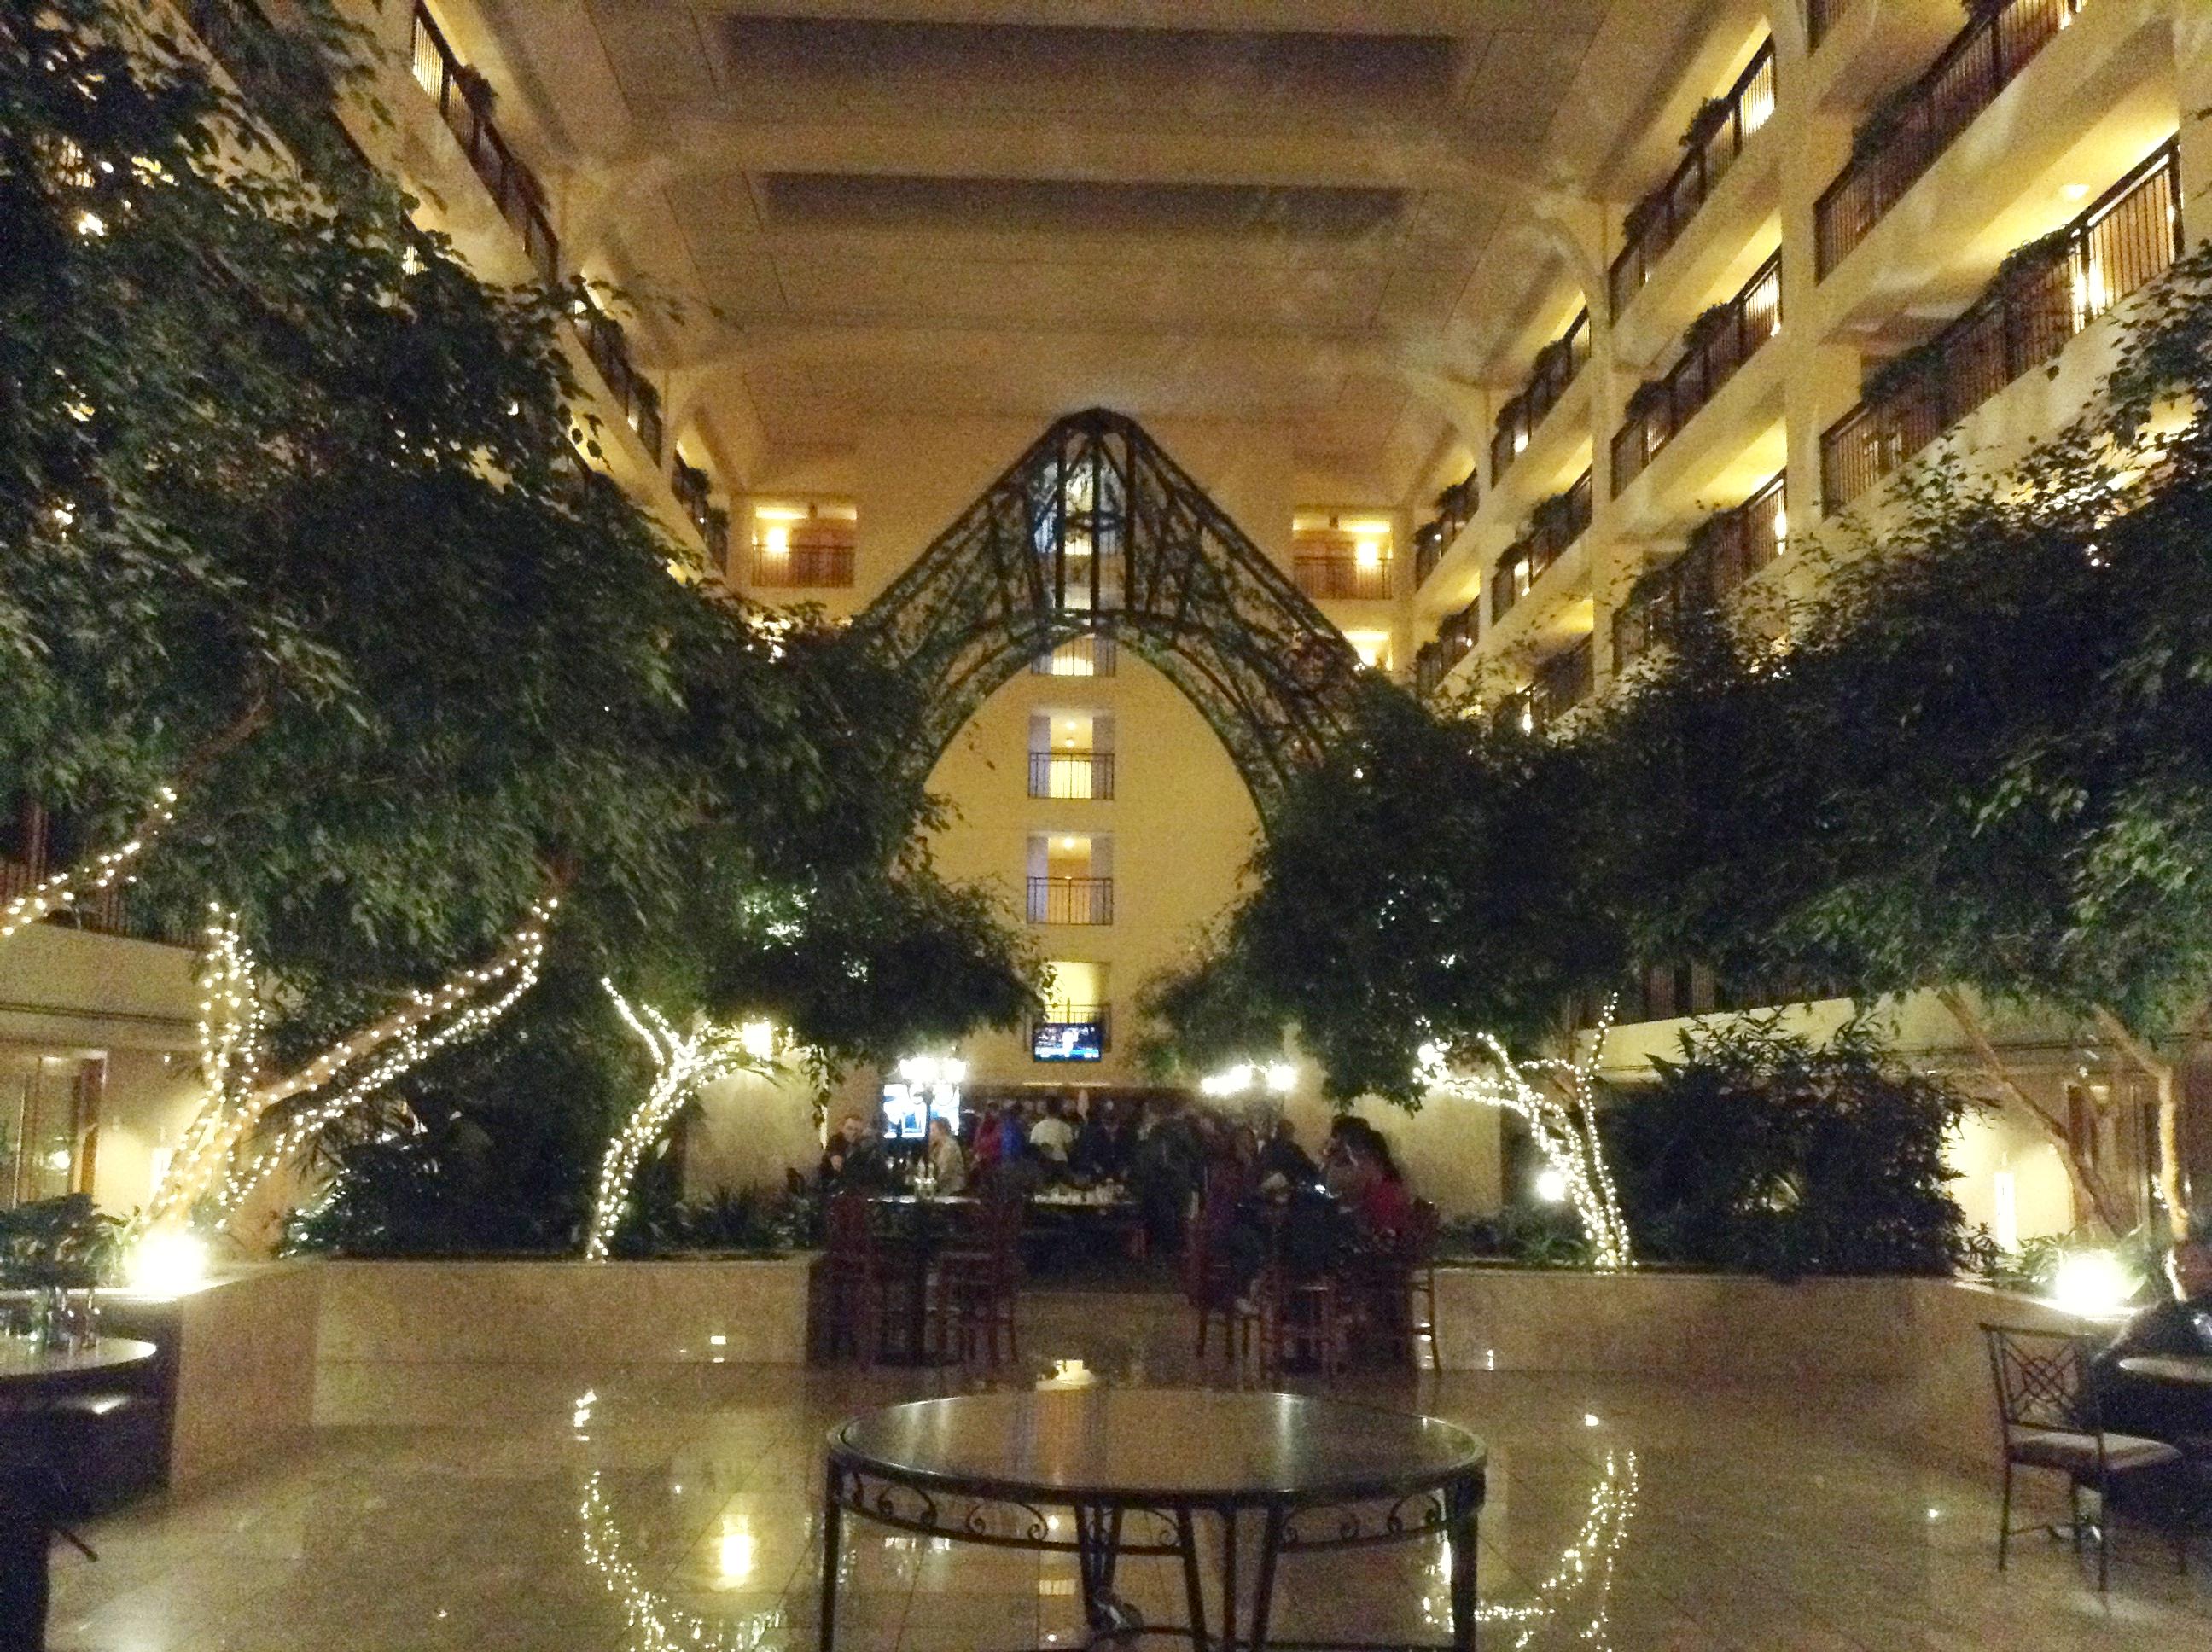 v hoteli, kde sme večerali aj raňajkovali